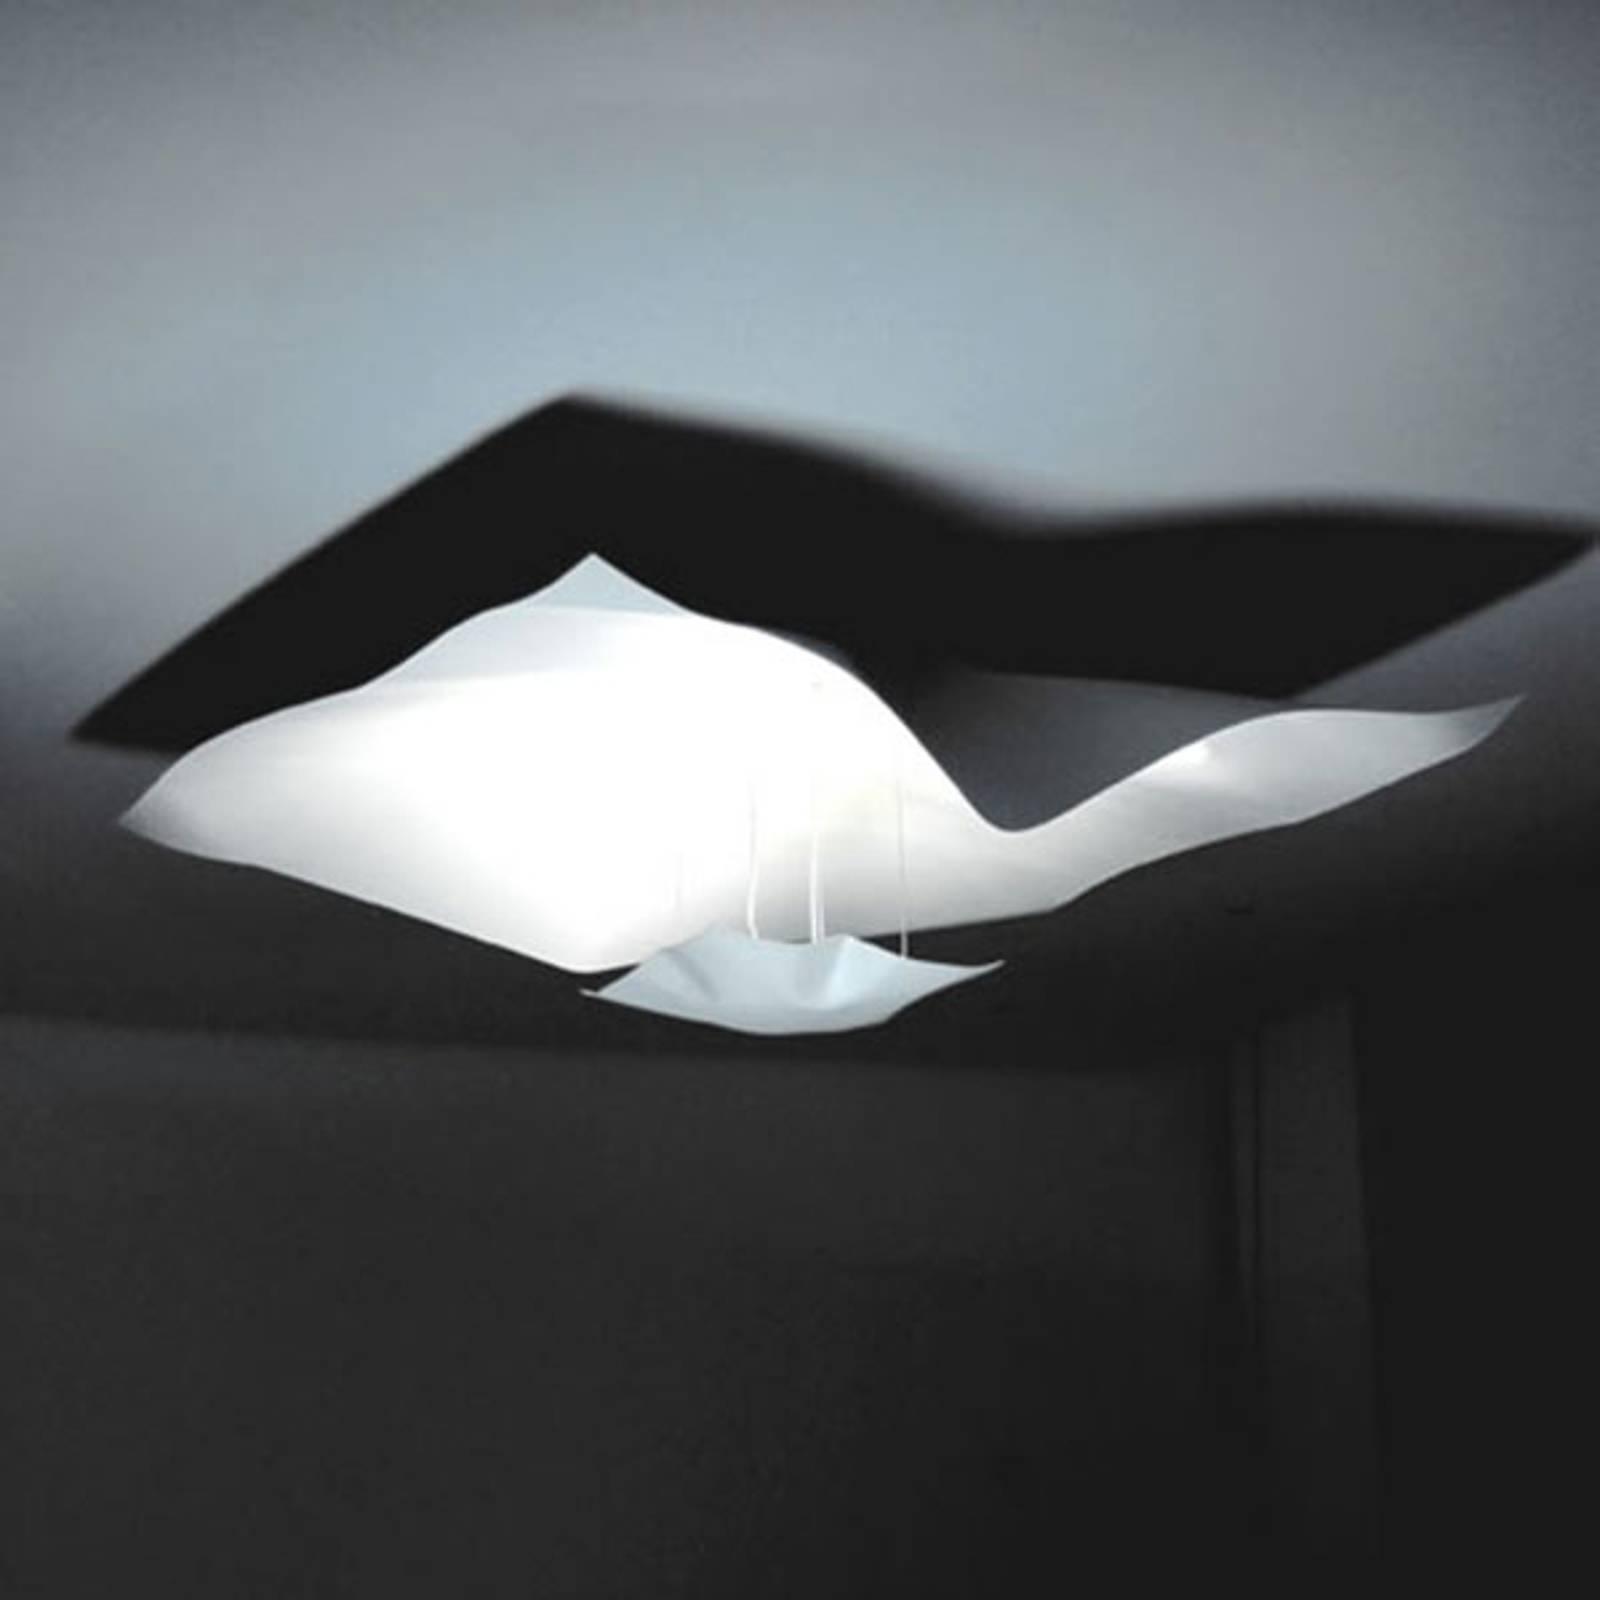 Knikerboker Crash LED hanglamp wit